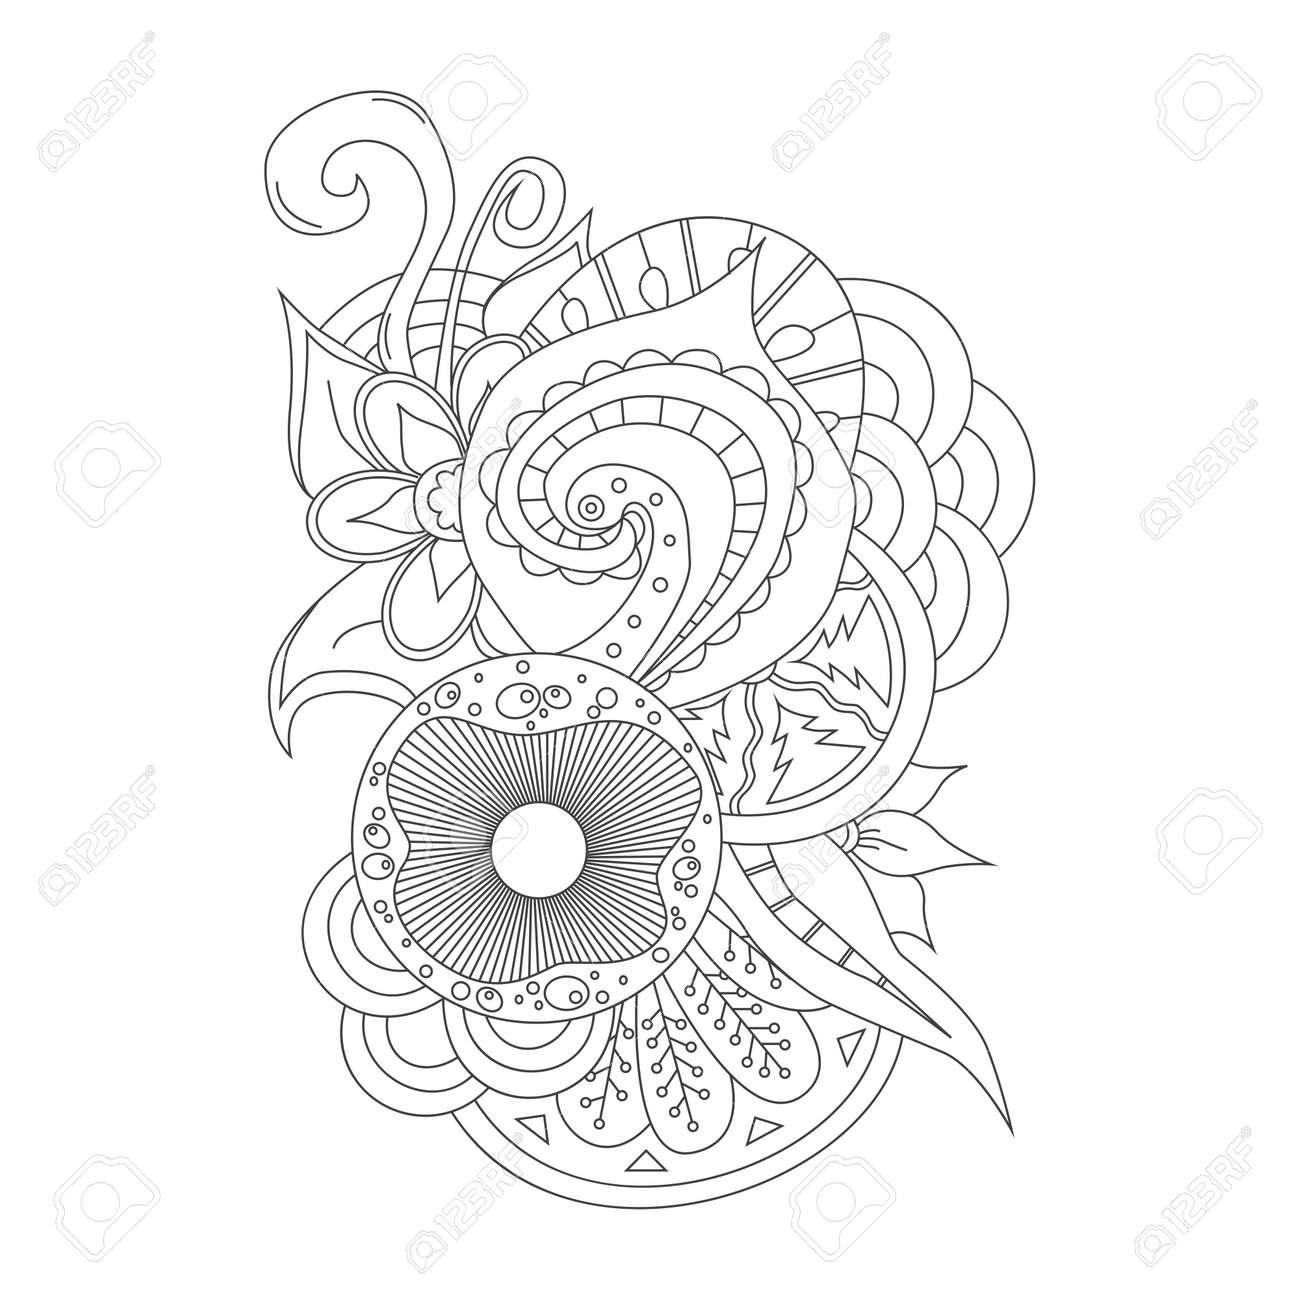 Dibujado A Mano Elemento Del Doodle Para El Diseño Ilustración Vectorial Floral Perfecto Para Las Tarjetas Invitaciones Banners Saludos